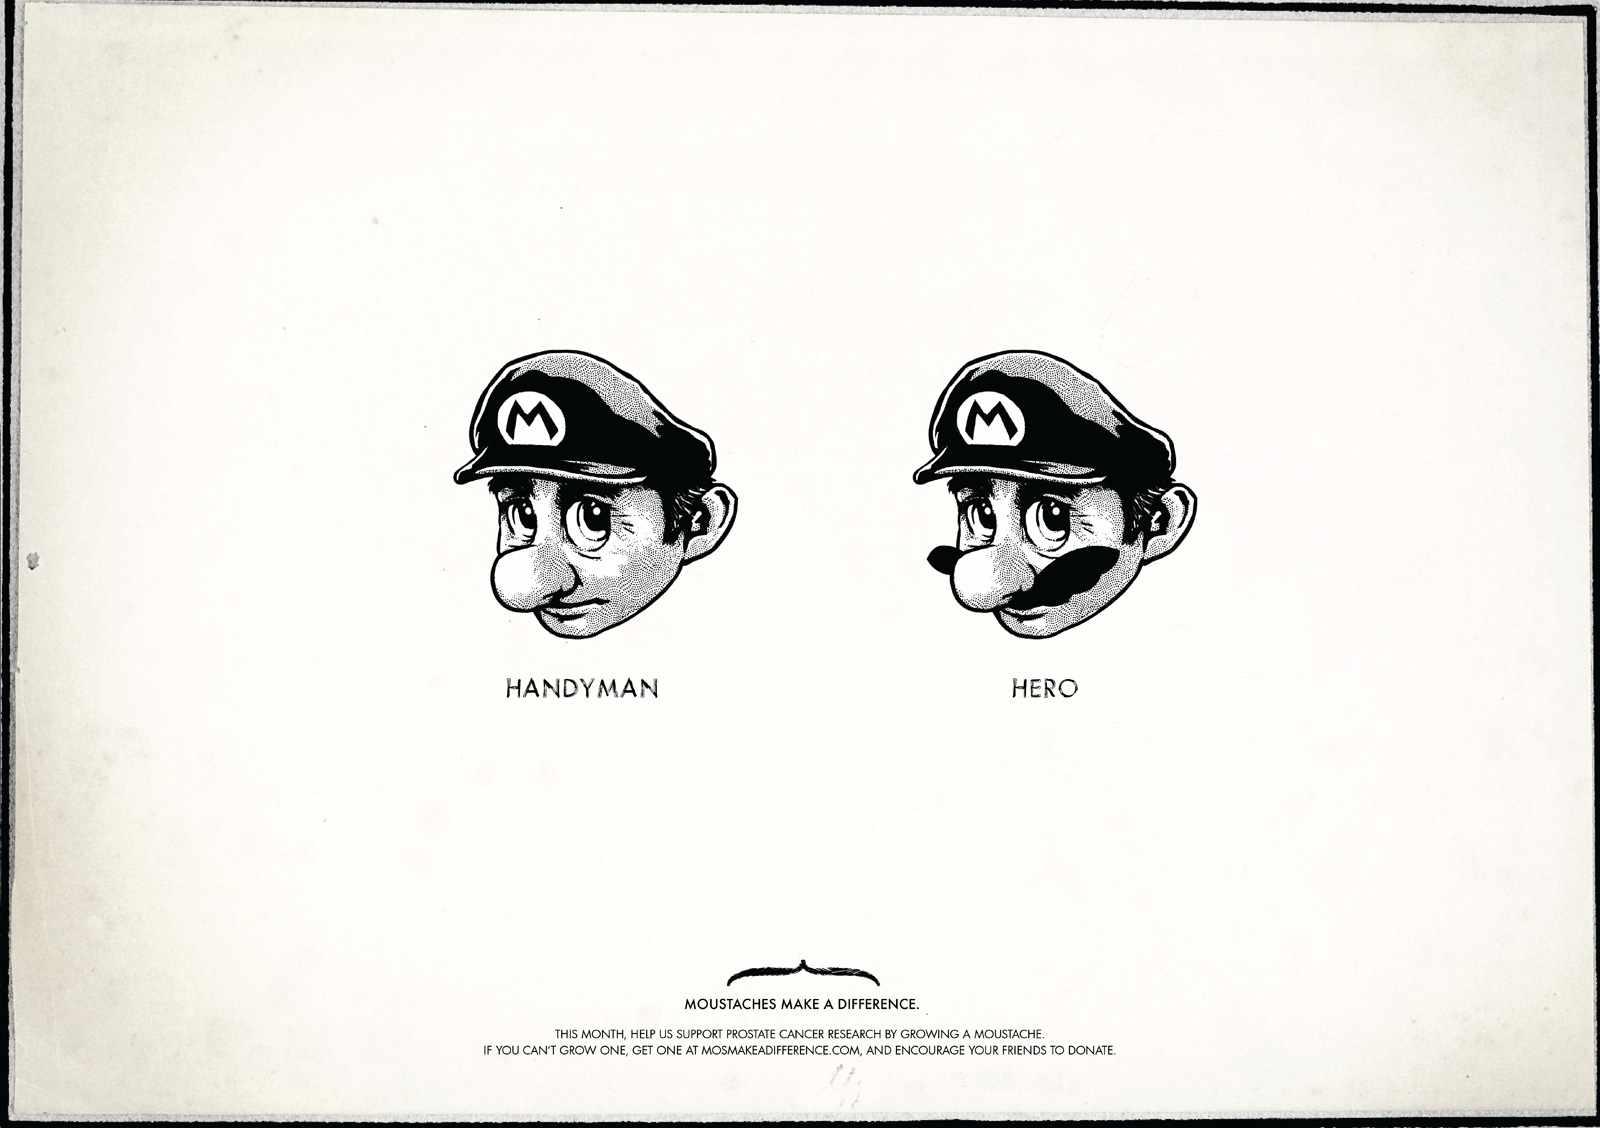 bigotes-que-marcan-la-diferencia-07